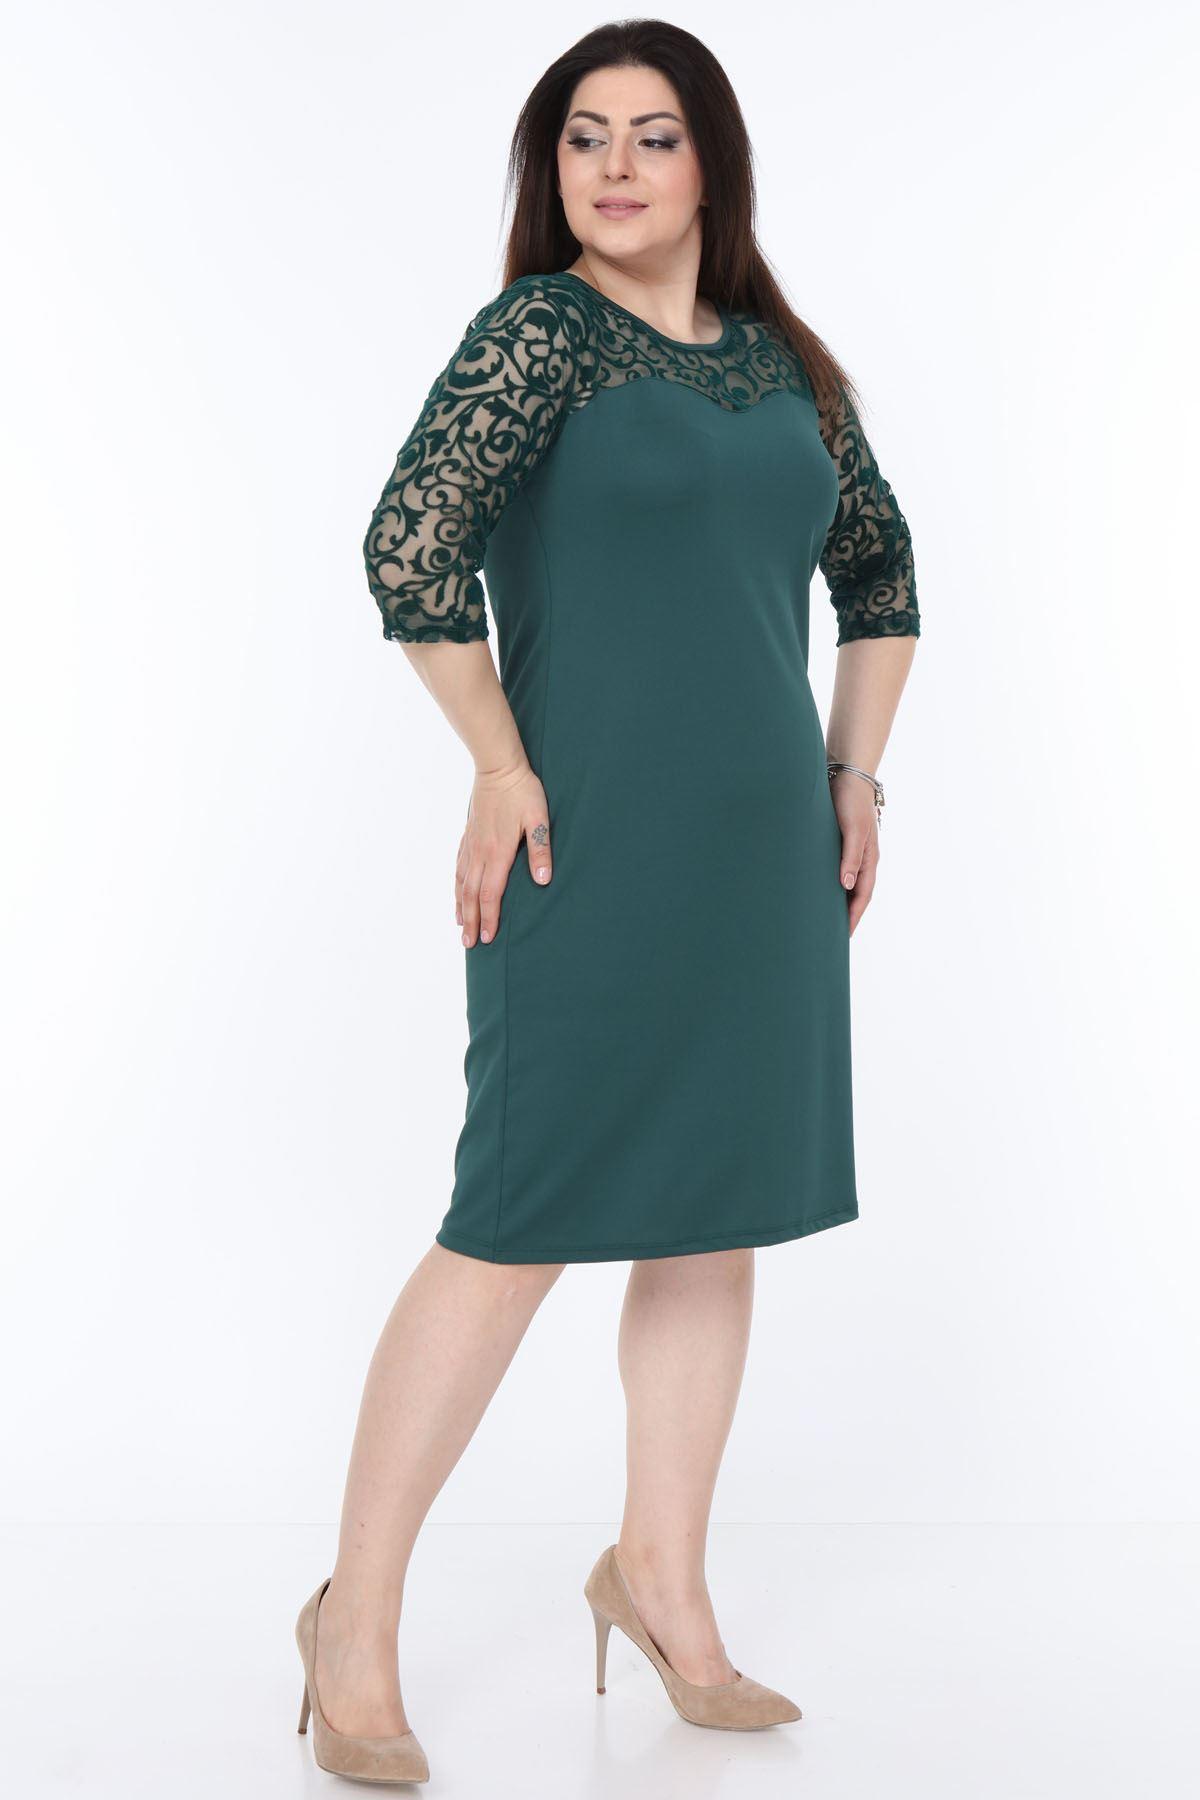 Yeşil Floklu Büyük Beden Elbise 15C-1034